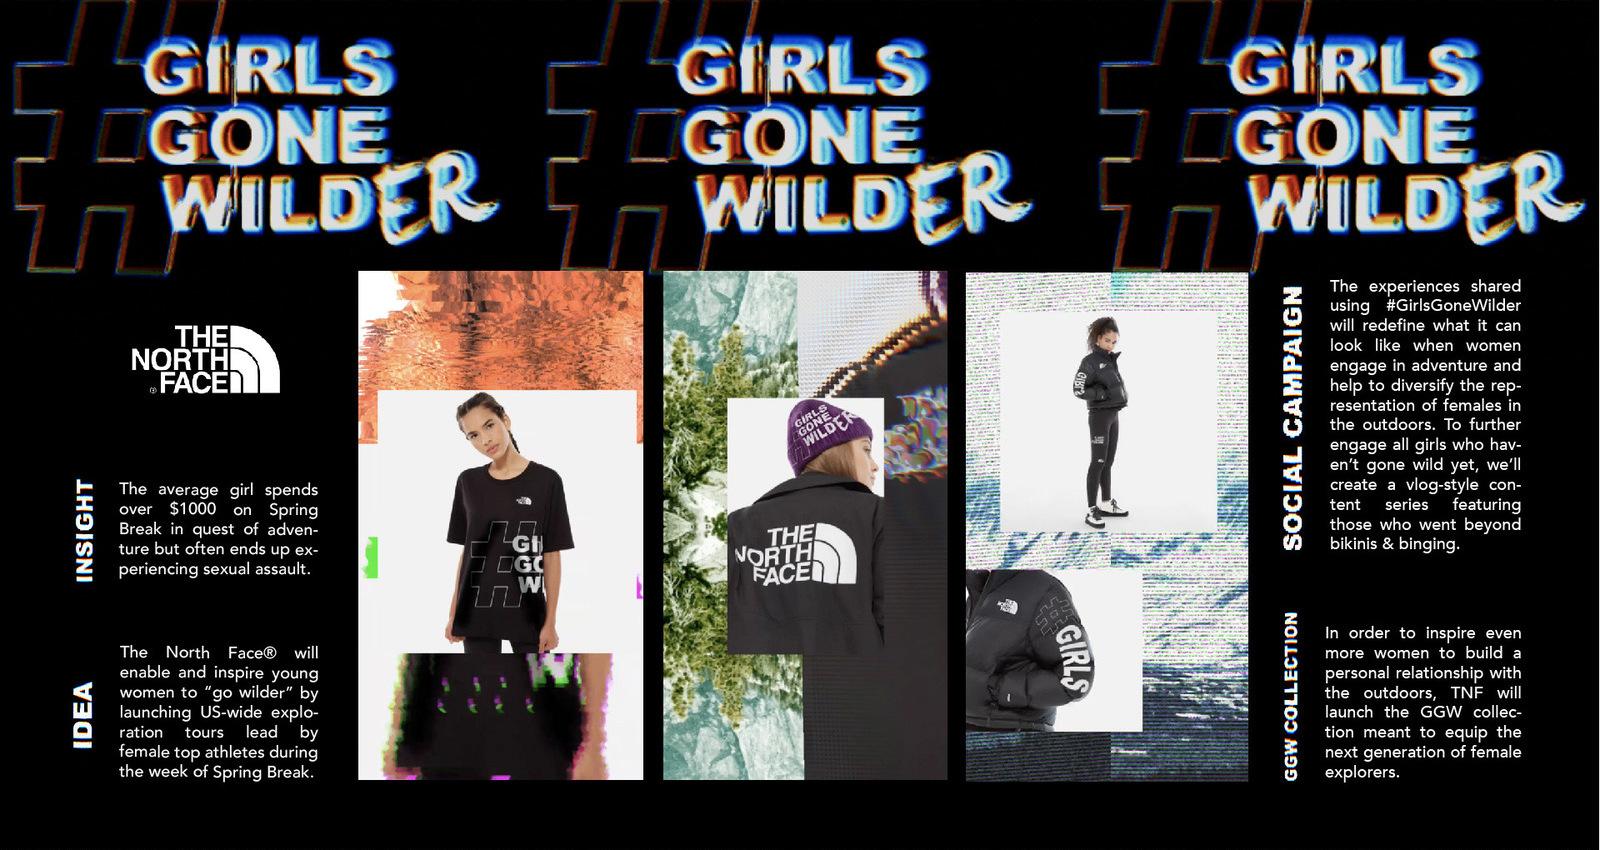 Girls Gone Wilder